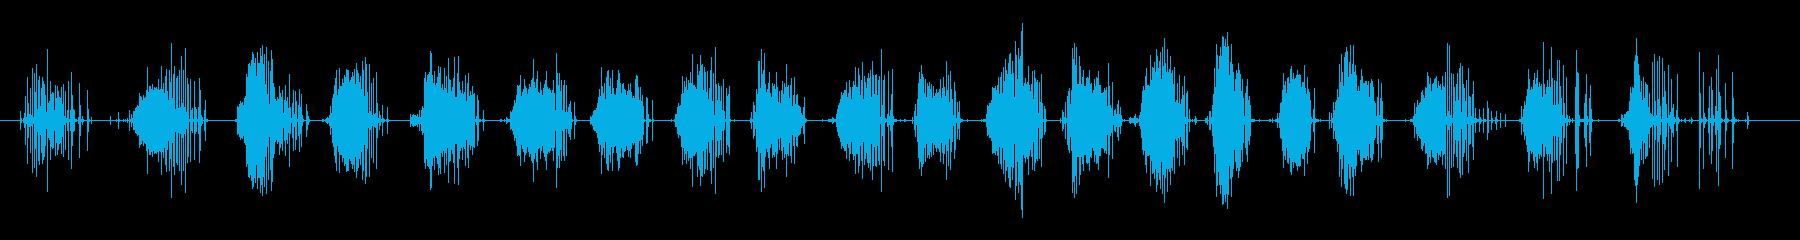 短いゴムの革のきしみの再生済みの波形